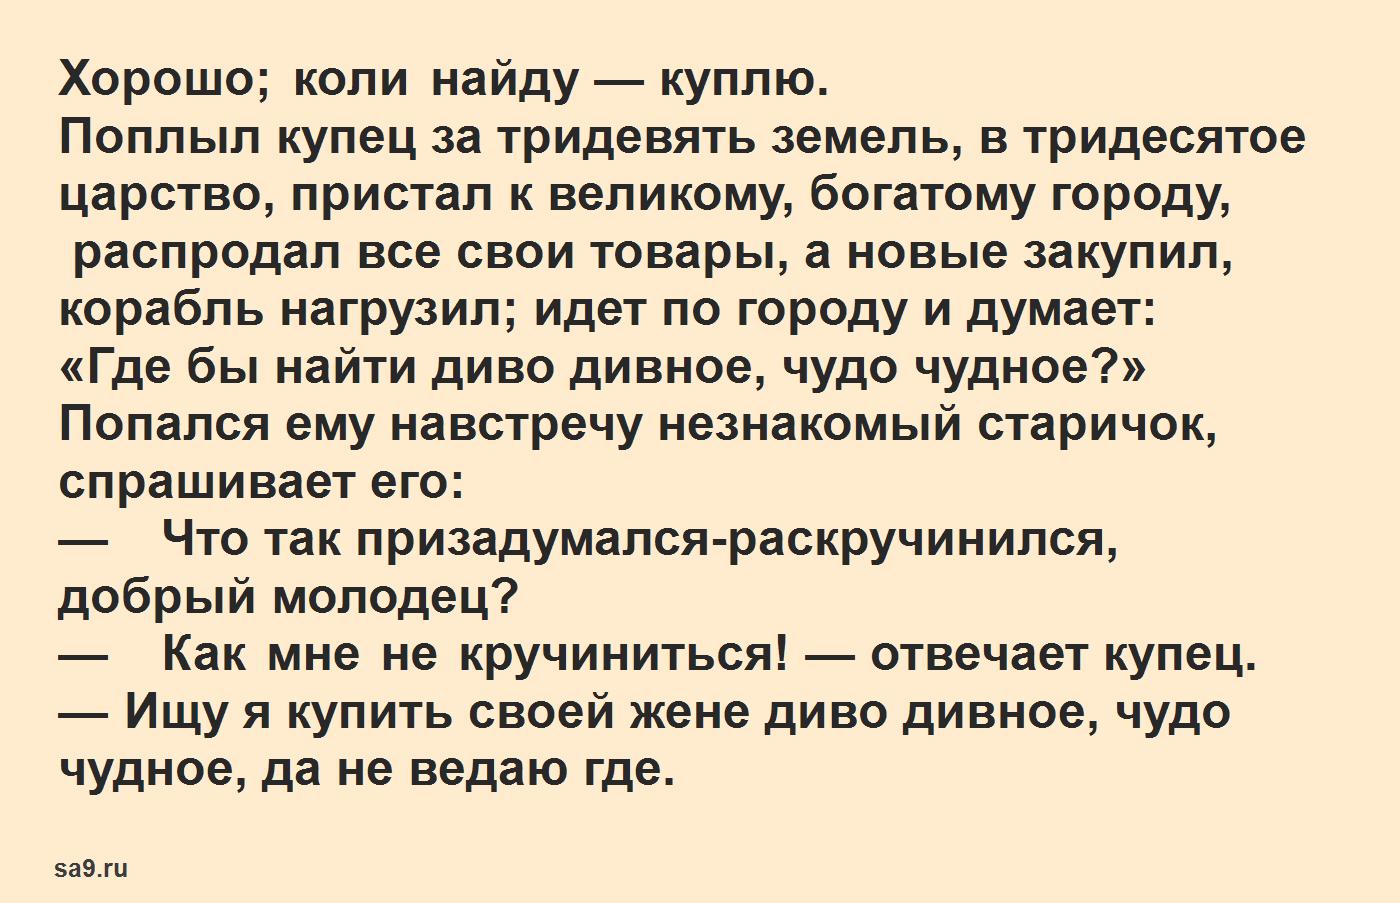 Русская народная сказка для детей – Диво дивное чудо чудное